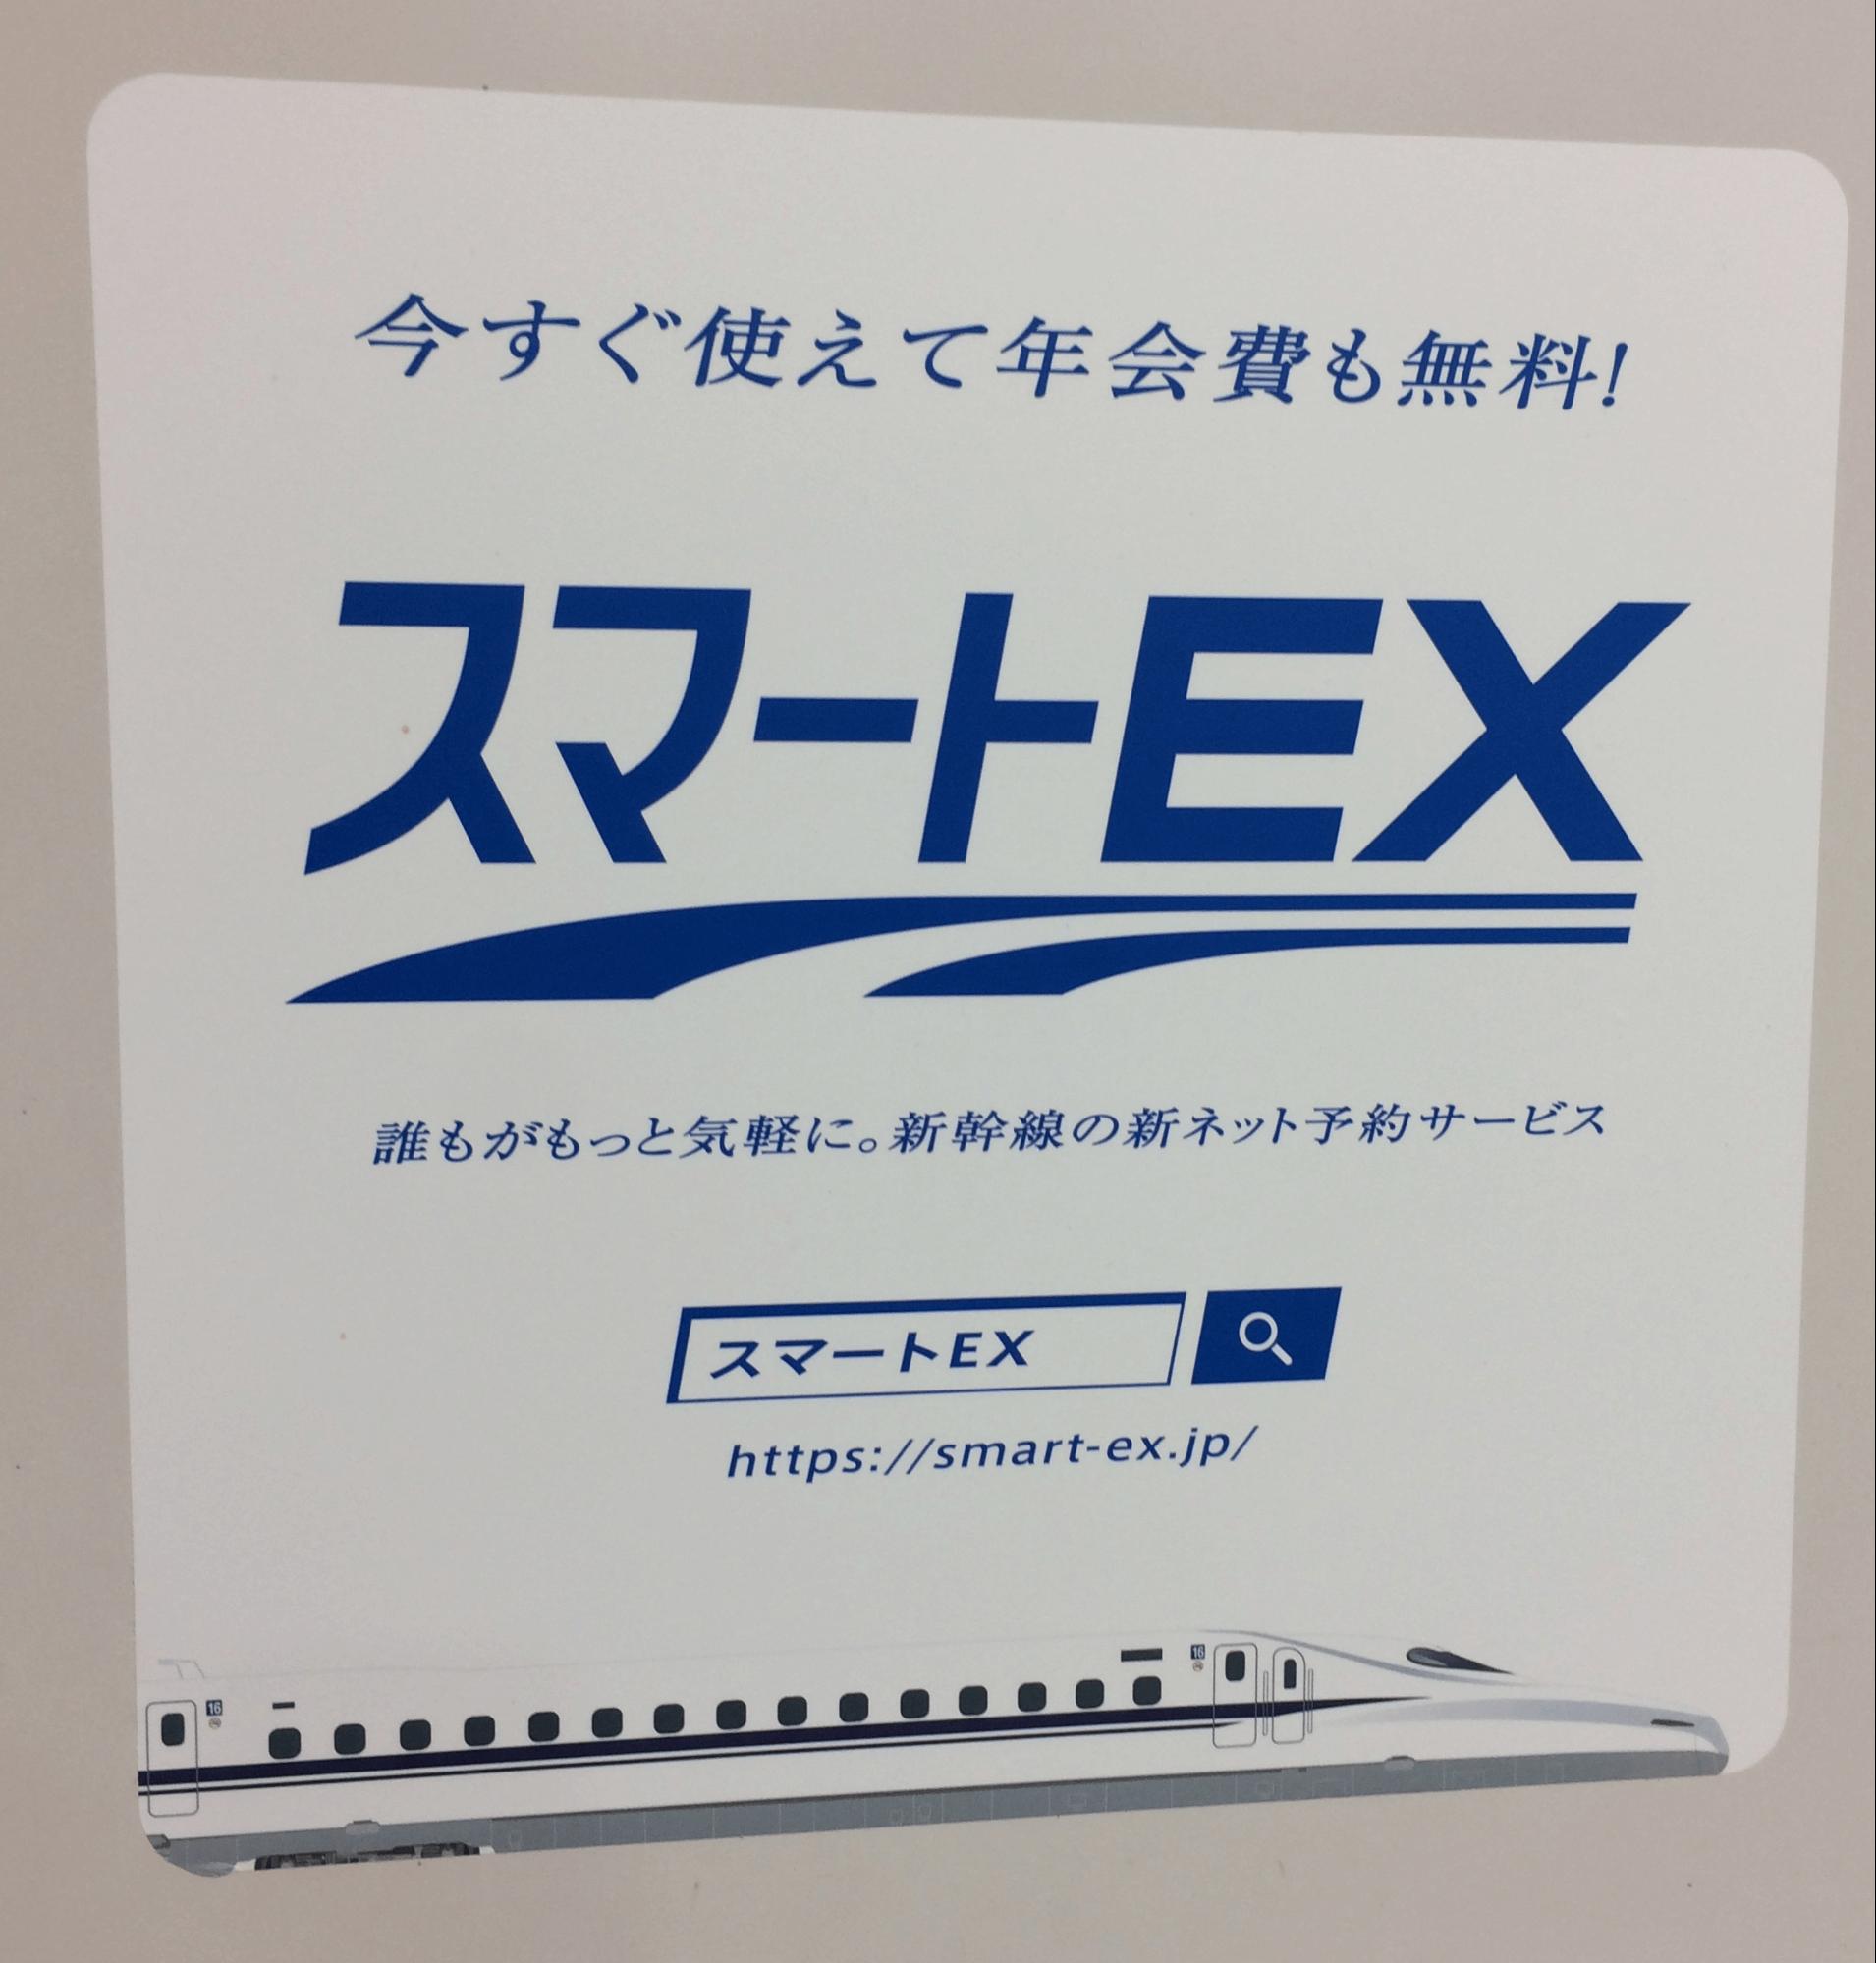 ▲品川駅の待合室にて撮影